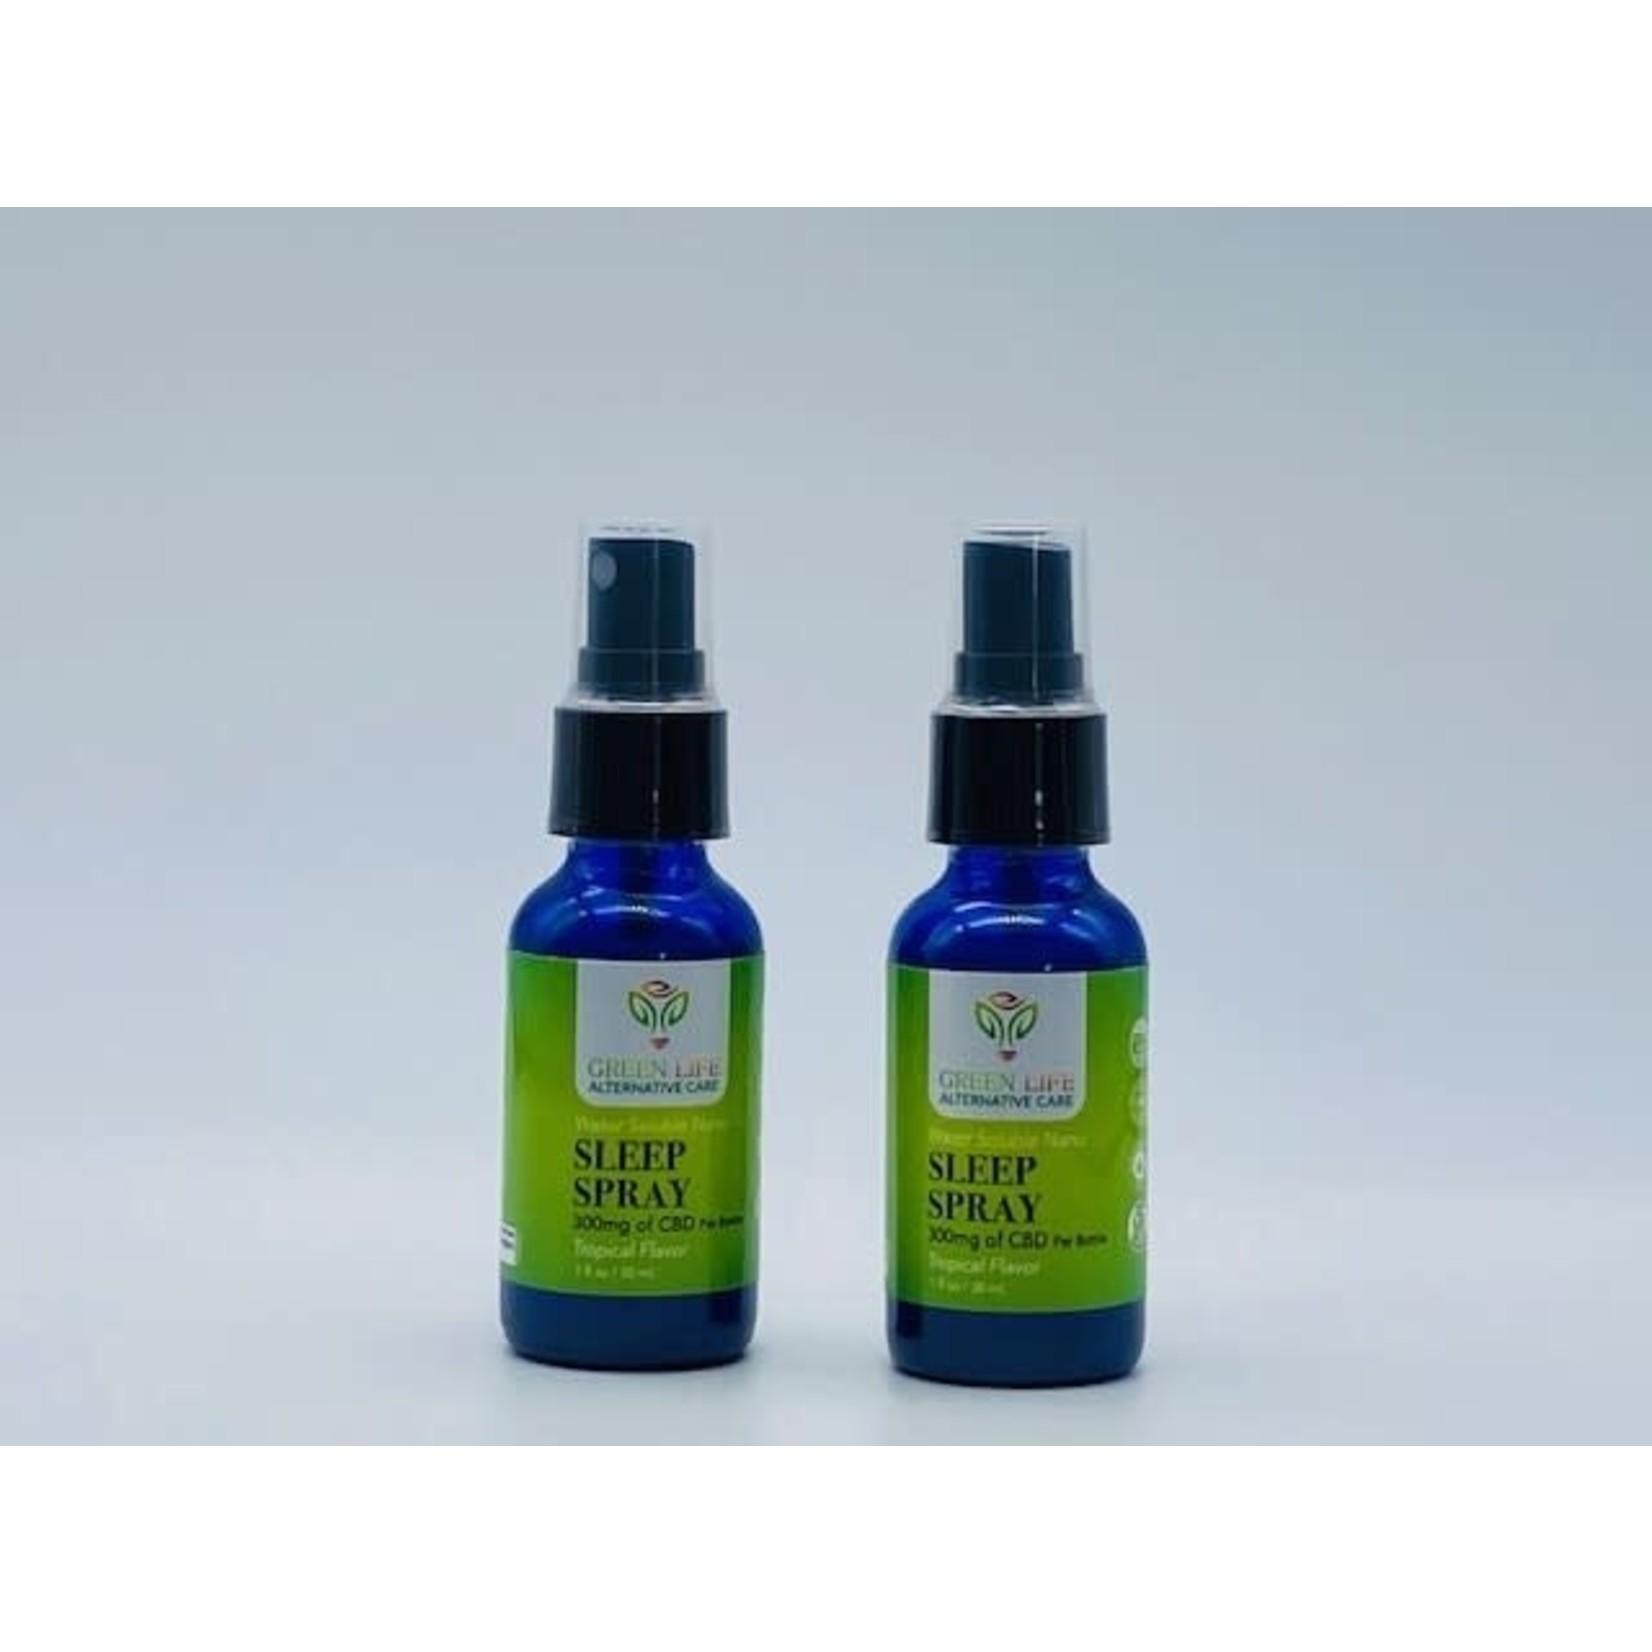 GLAC GLAC Sleep Spray CBD 300mg